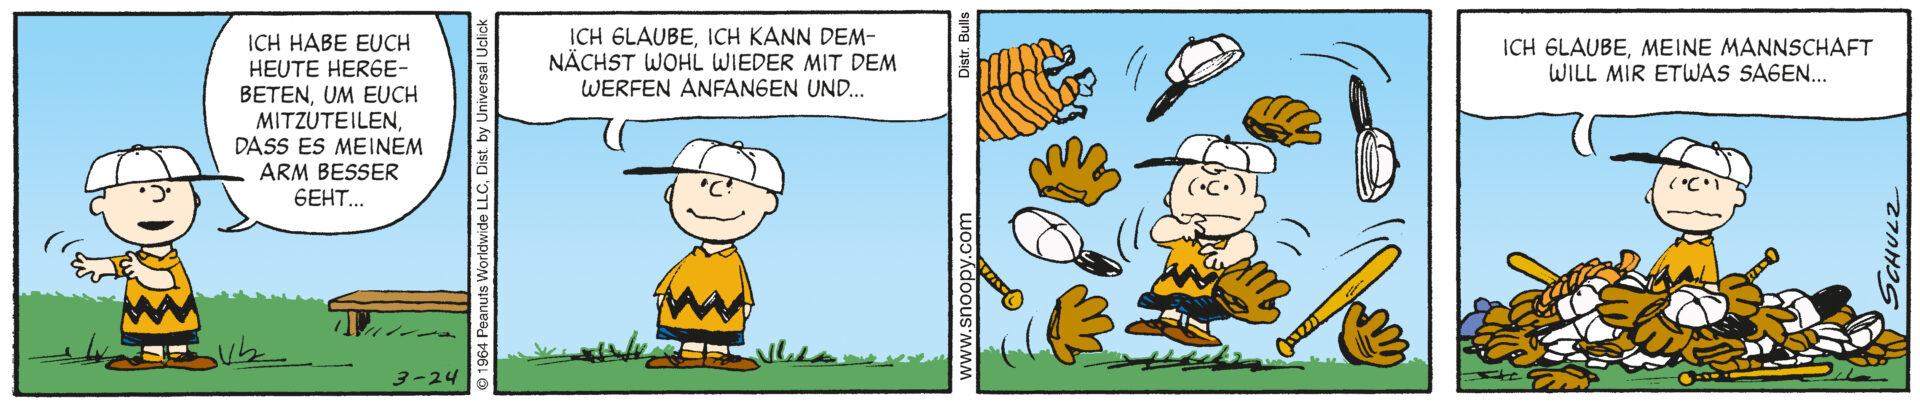 Peanuts d 2011-03-24 F